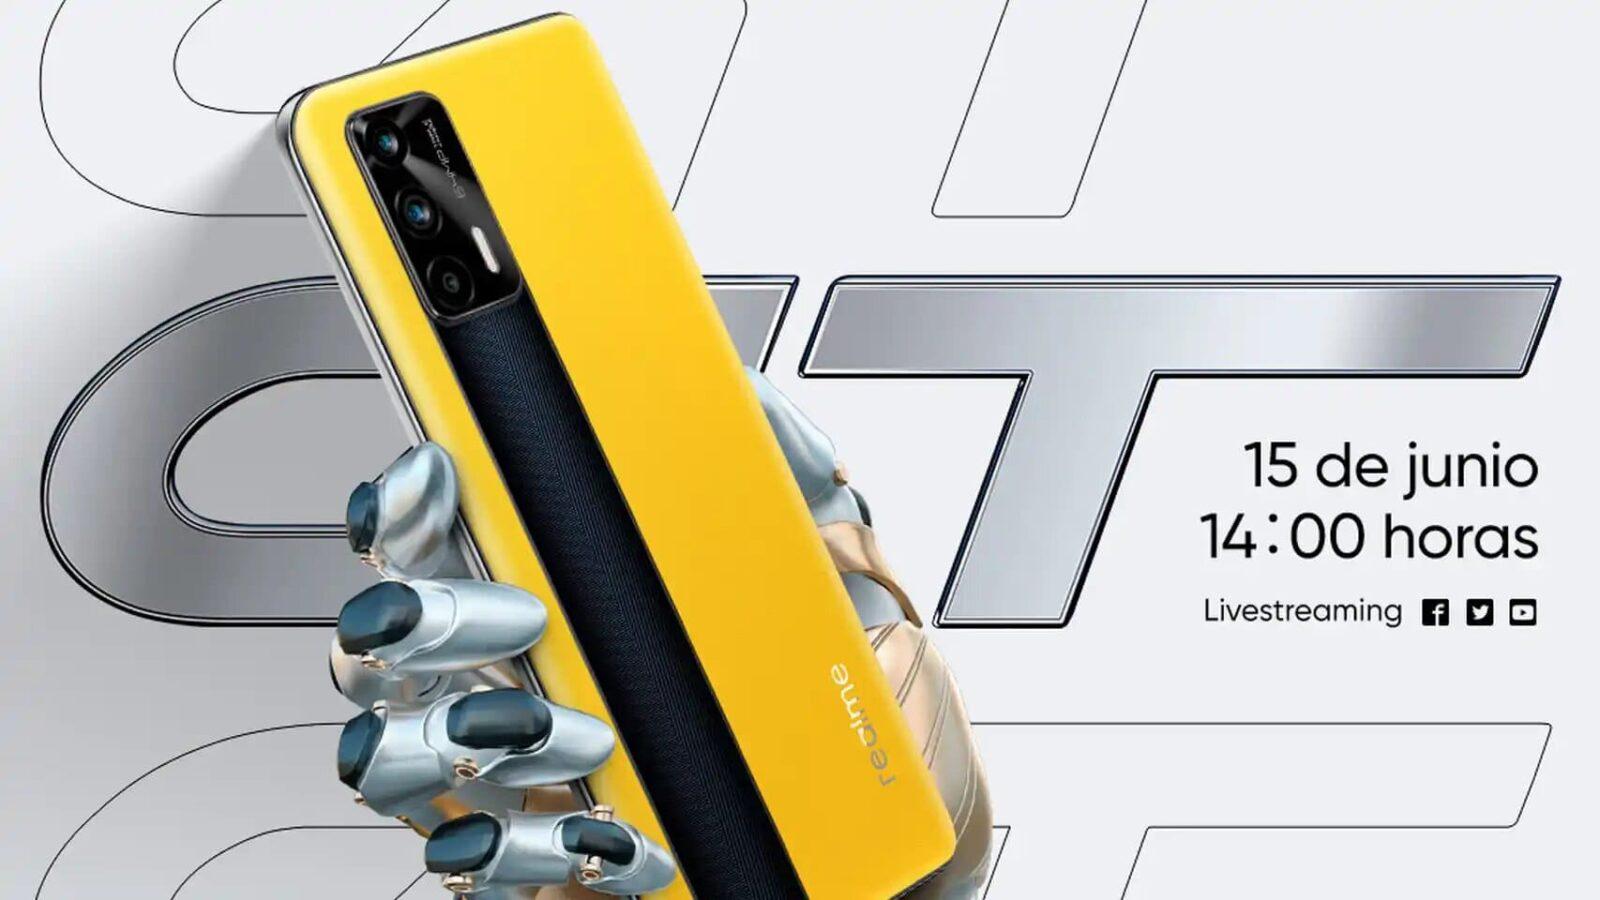 presentacion-Europa-Realme-GT-5G